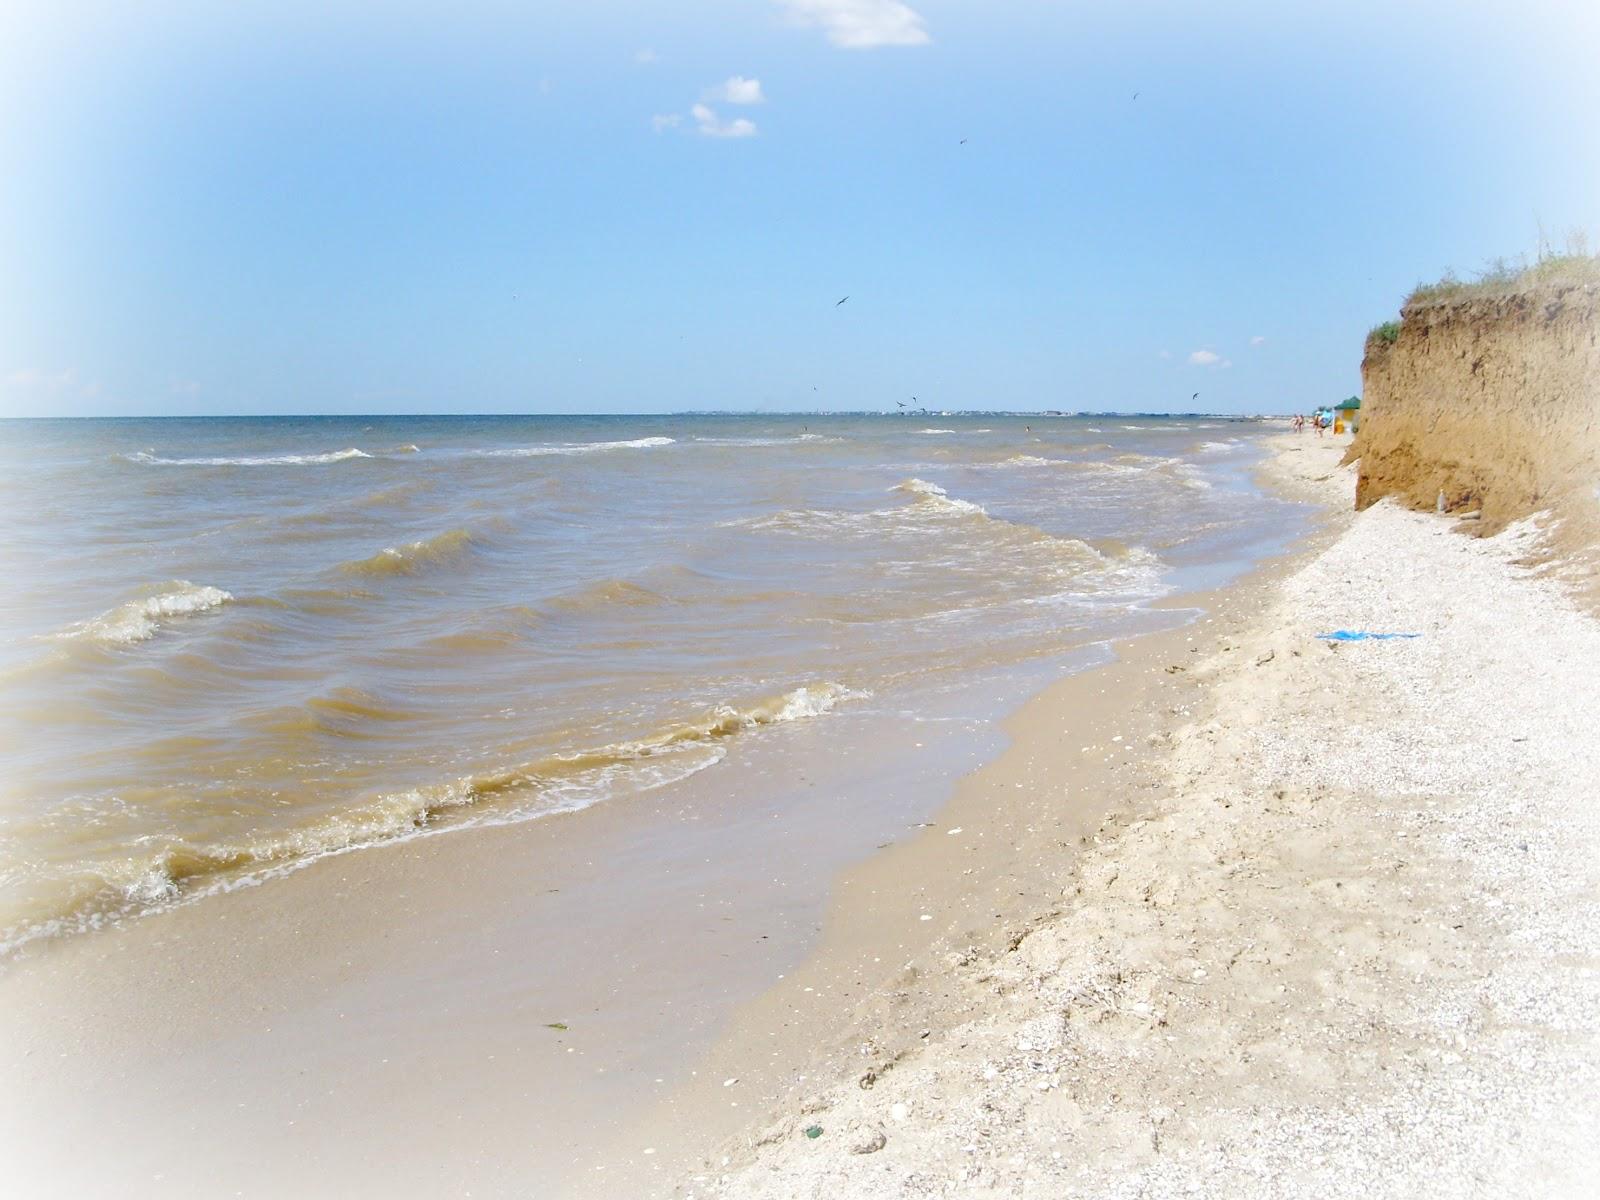 Посмотрели пляж фото 17 фотография